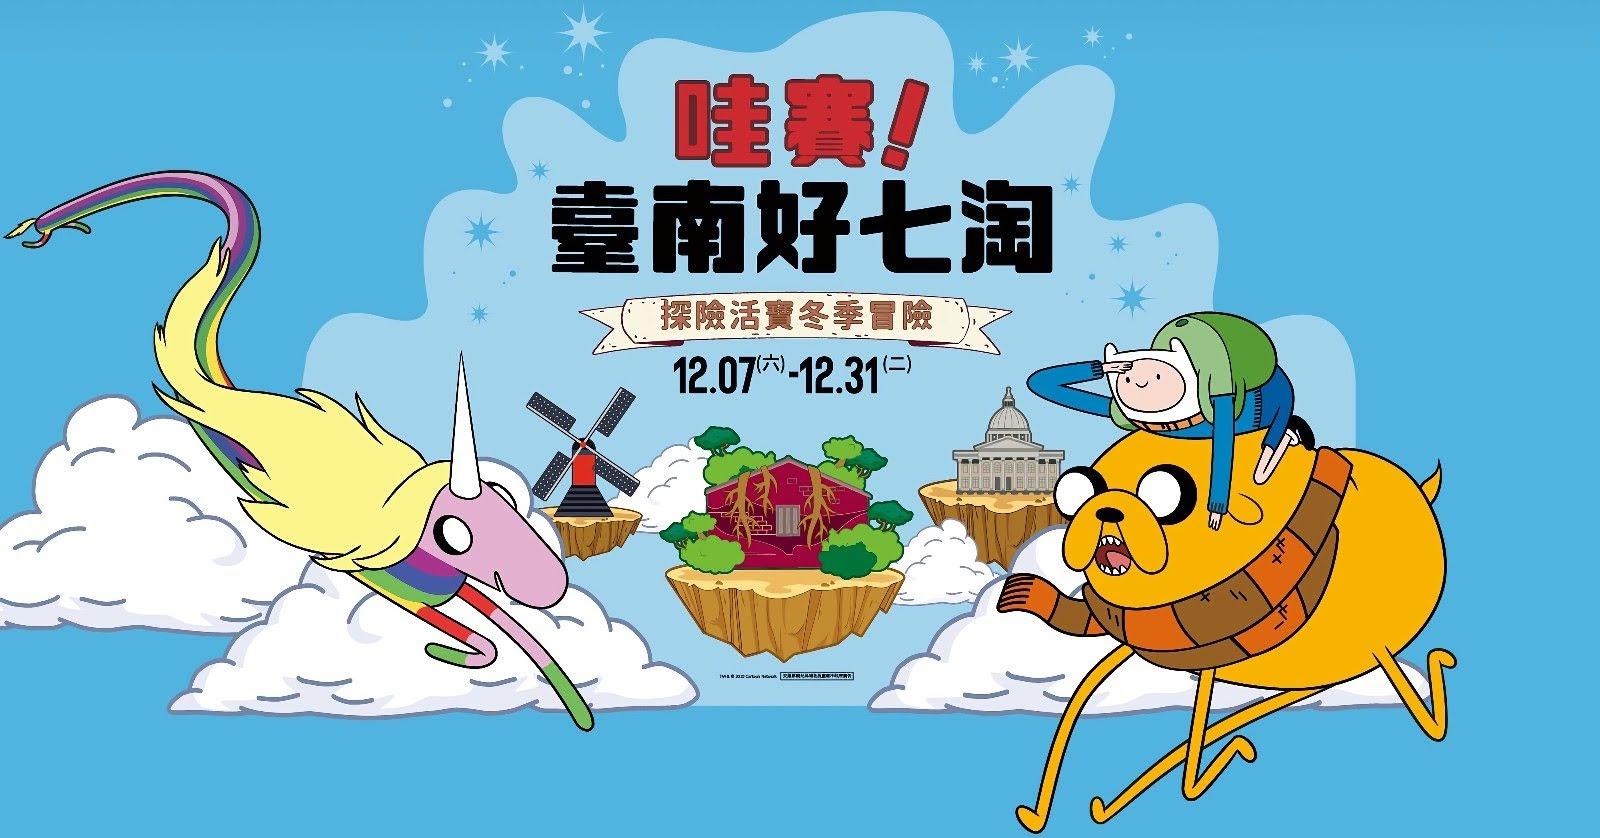 [活動] 探險活寶來台南囉!12/15安平樹屋粉絲見面會|哇賽!台南好七淘-探險活寶冬季冒險